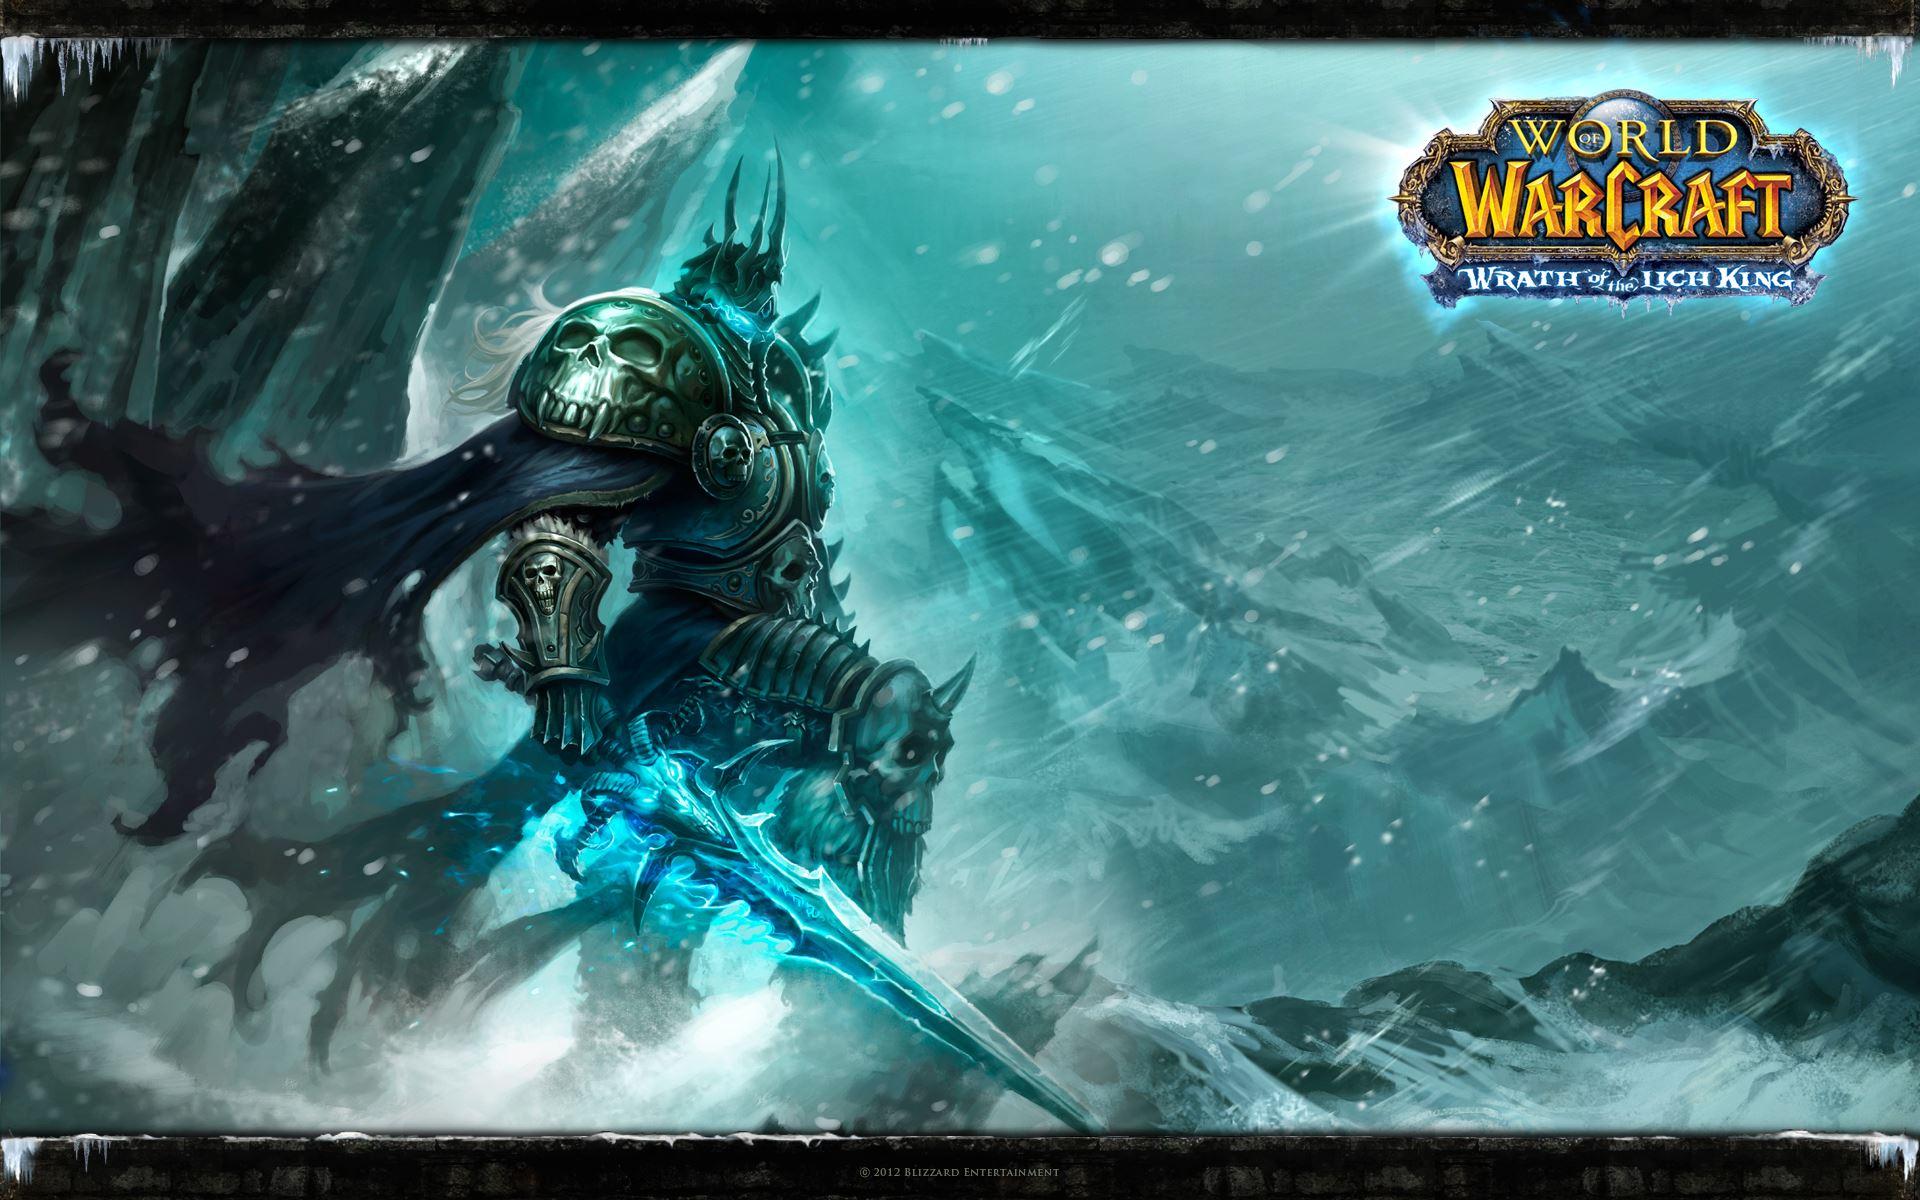 Amazoncom The Art of World of Warcraft 9781608874491